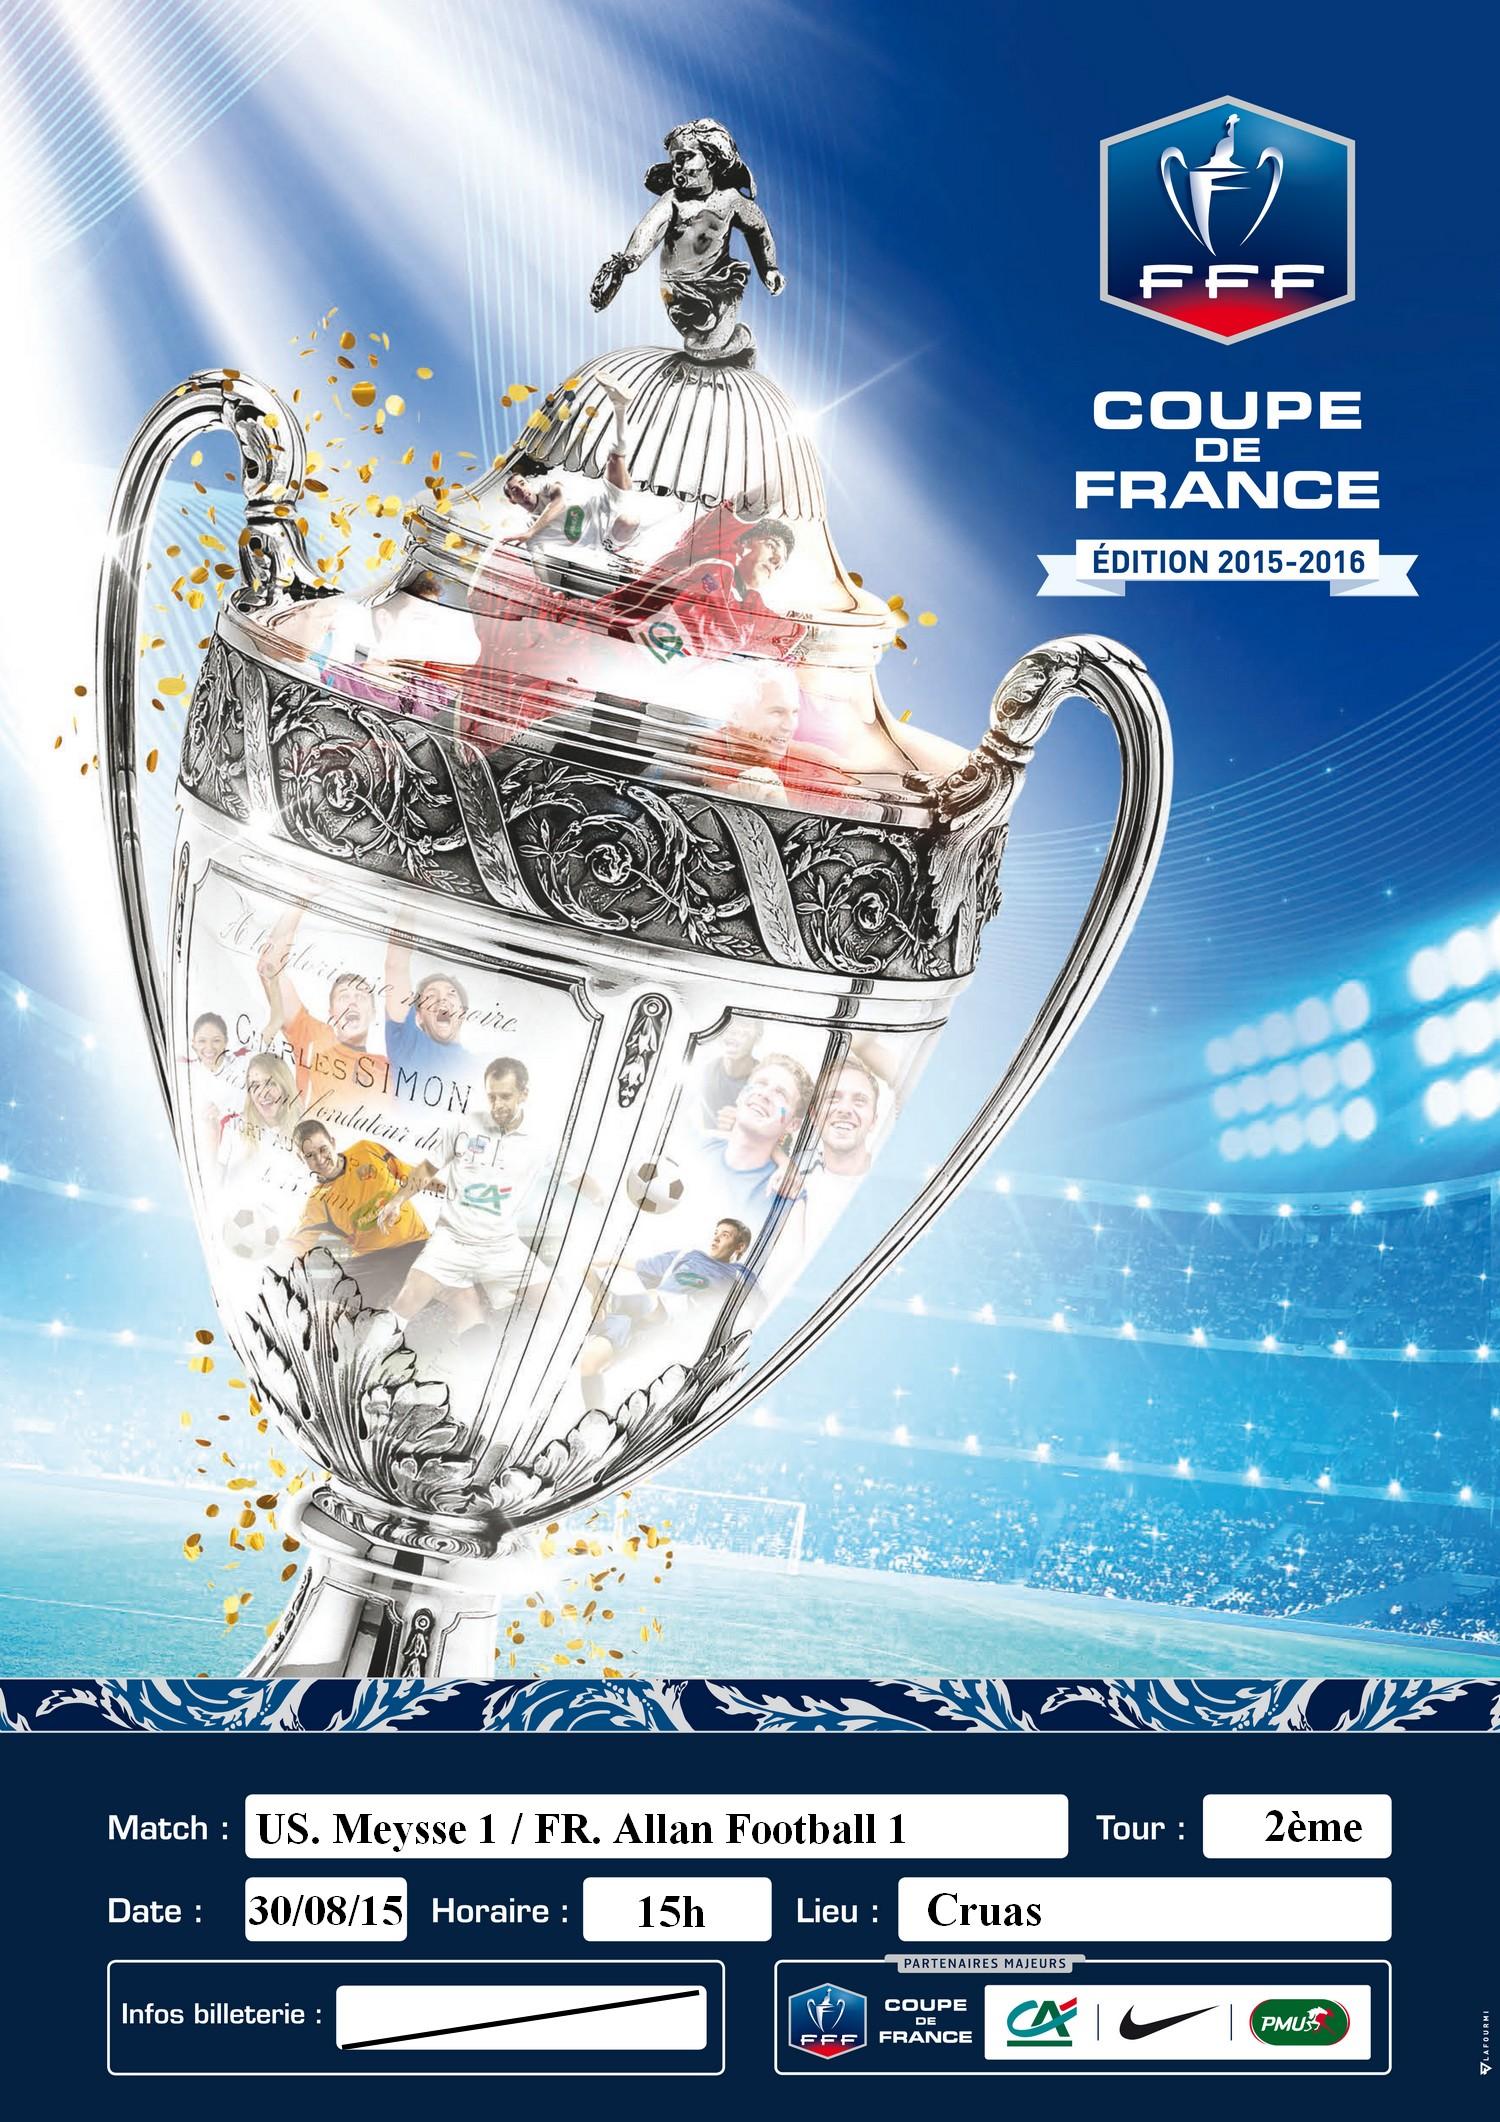 Agenda 2 me tour de la coupe de france club football - Calendrier de la coupe de france 2015 ...